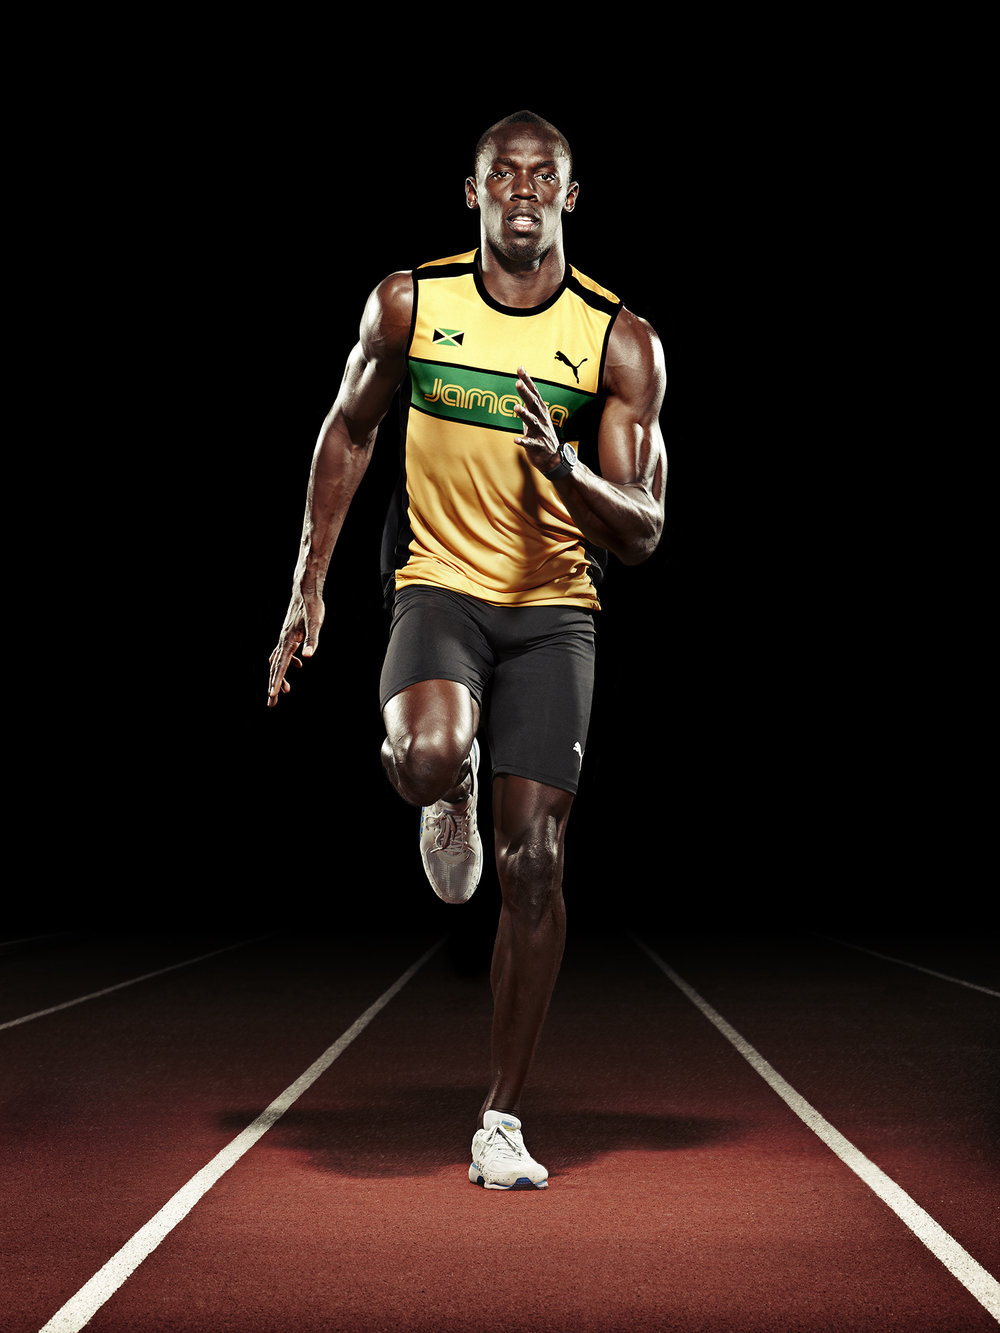 Usain Bolt, athlete